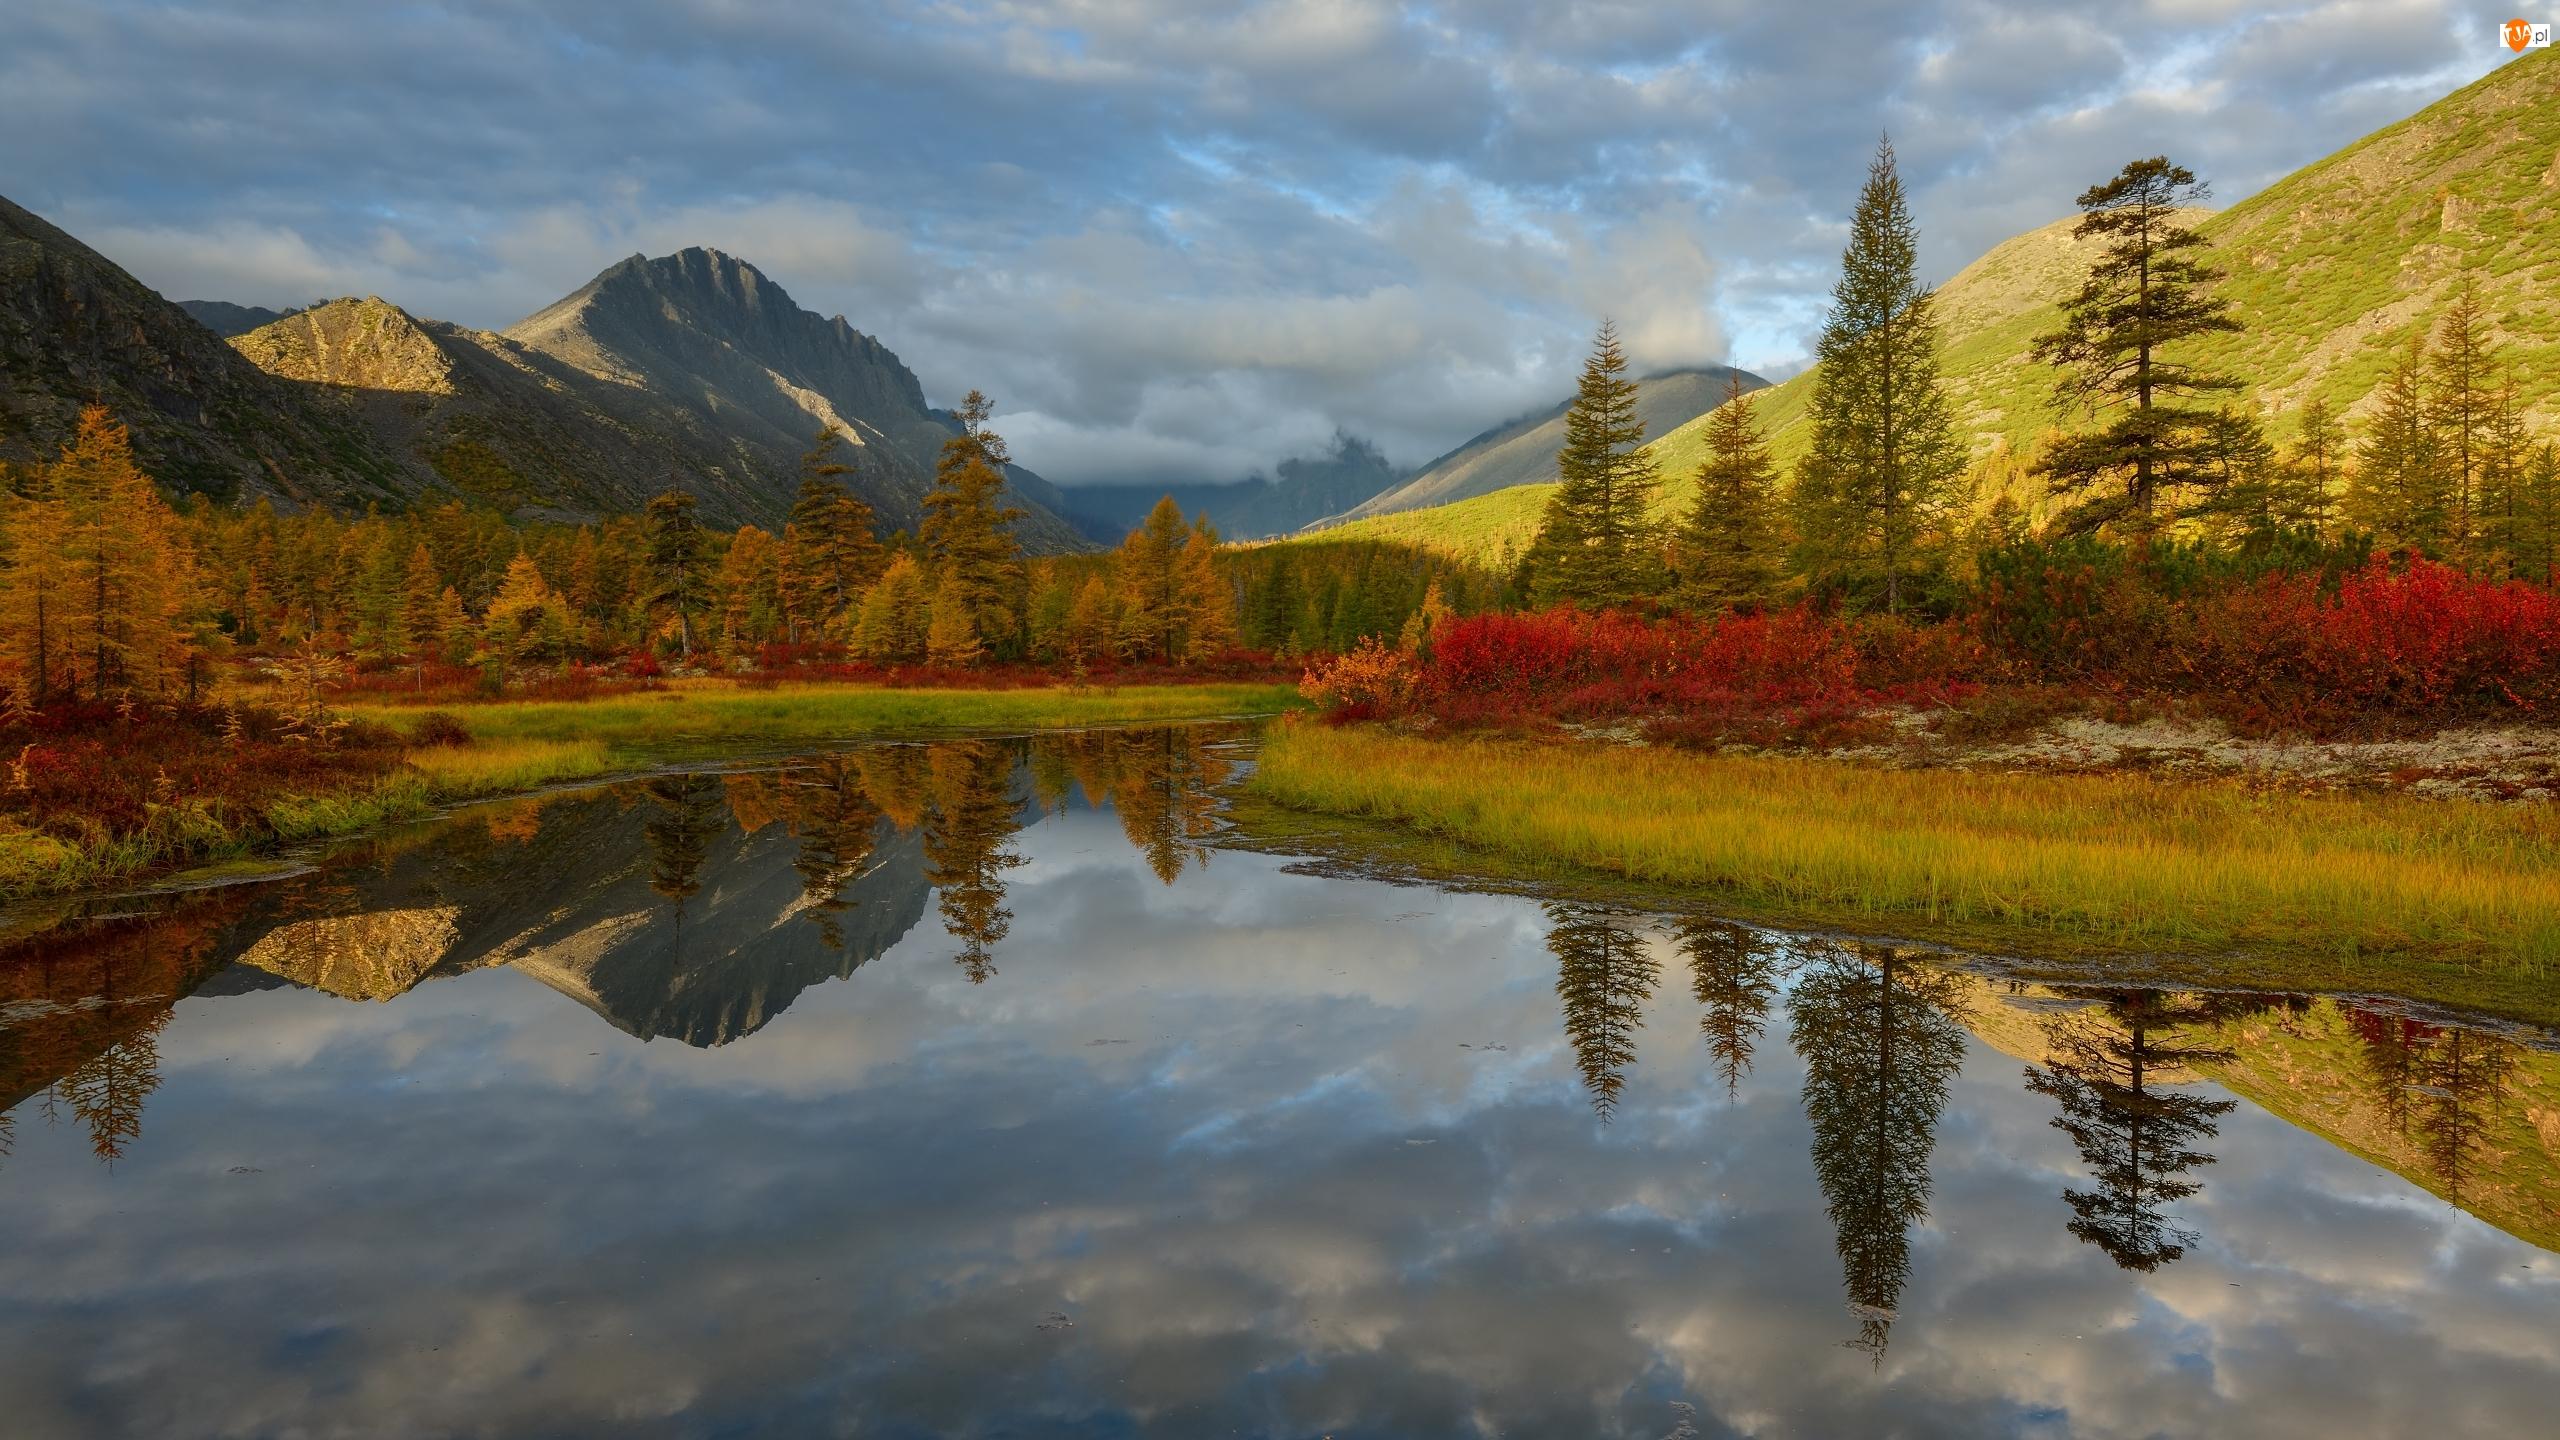 Odbicie, Jezioro Jacka Londona, Roślinność, Chmury, Drzewa, Góry, Kołyma, Jesień, Rosja